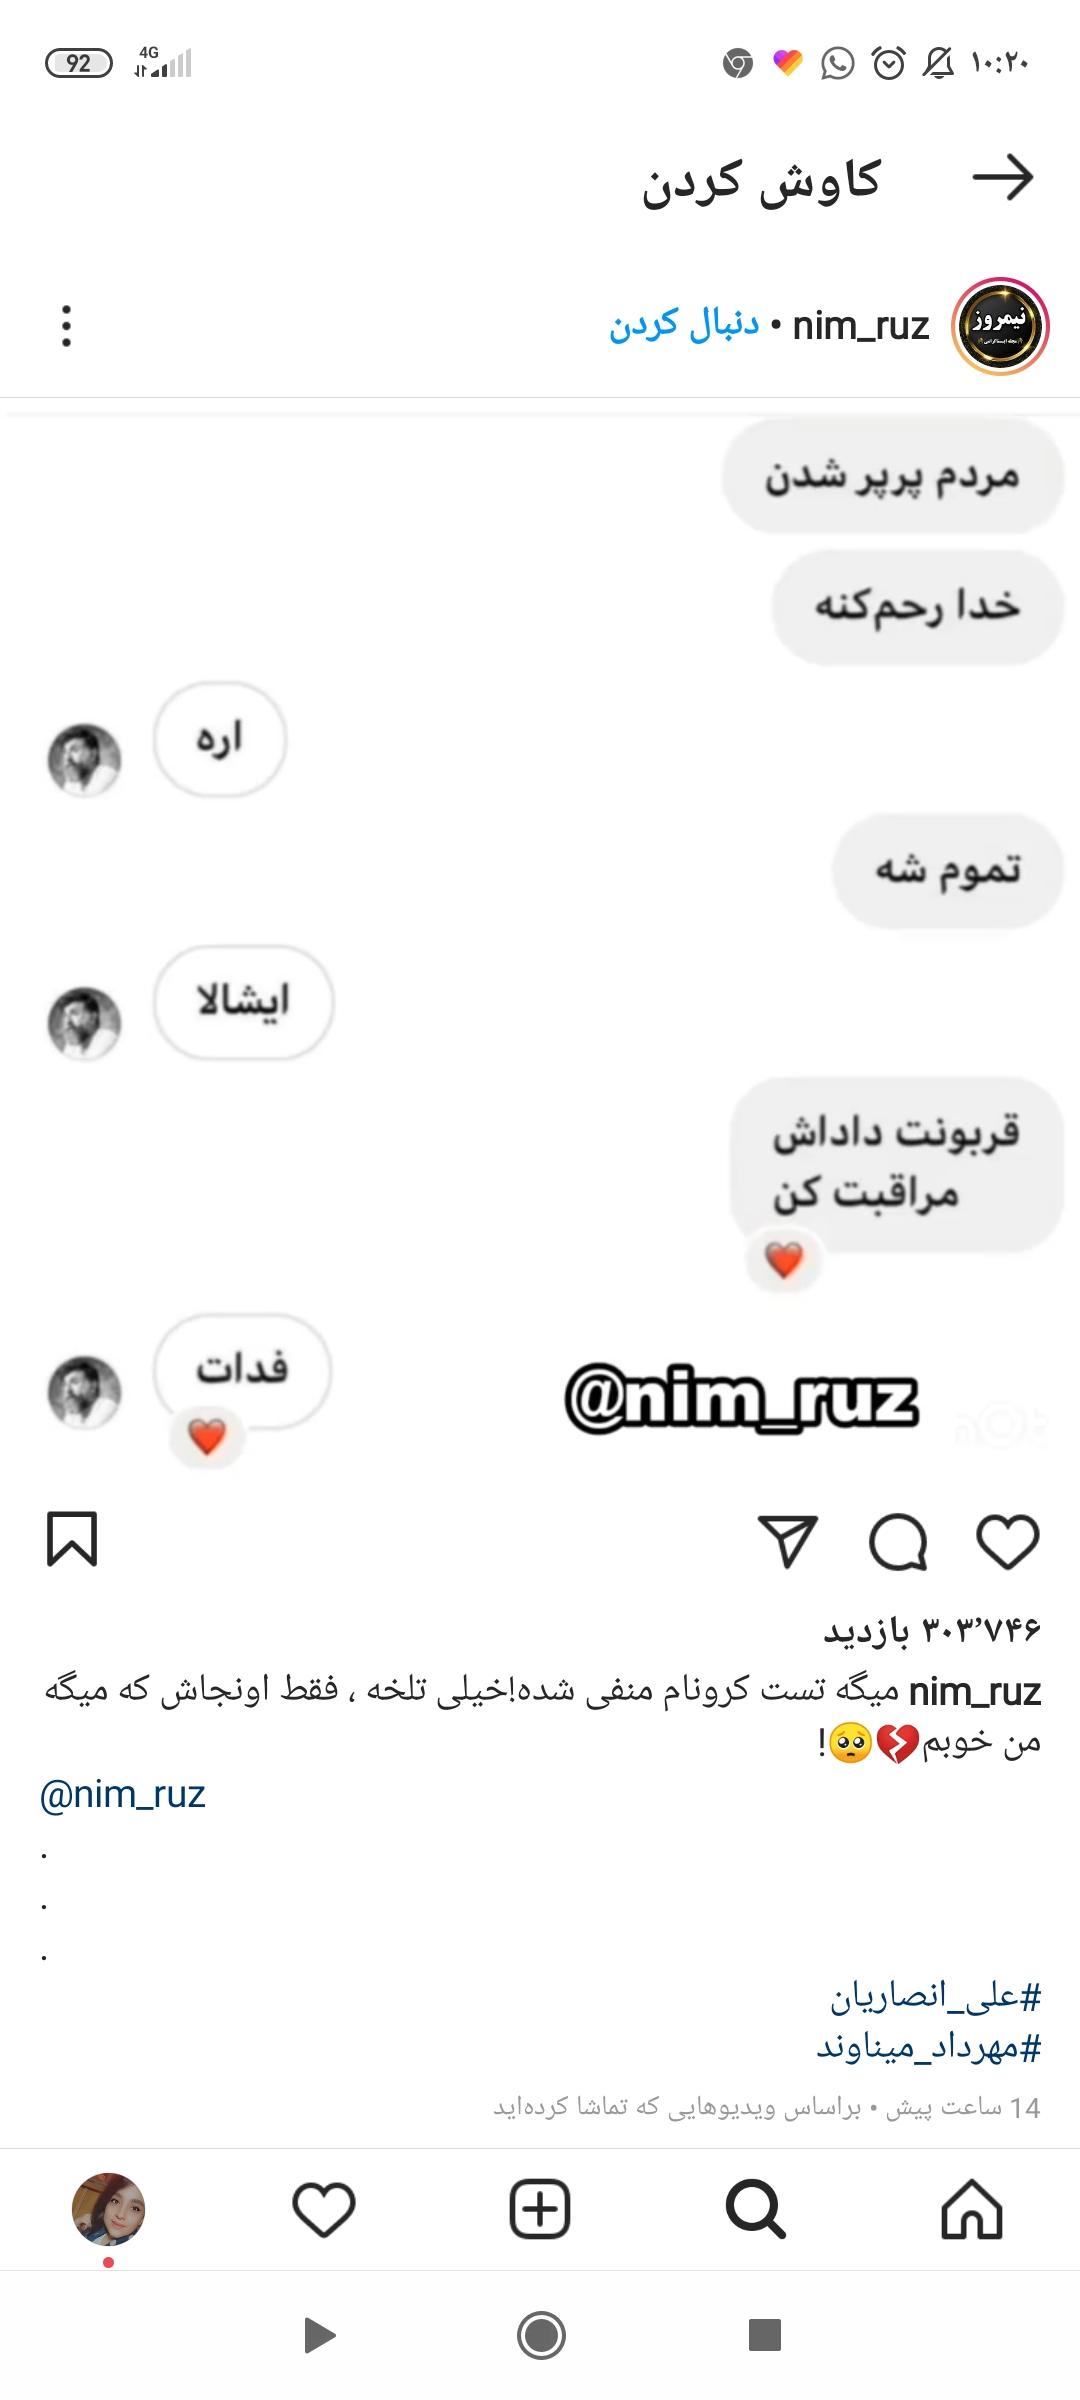 Screenshot_۲۰۲۱-۰۲-۰۶-۱۰-۲۰-۰۵-۱۳۵_com.instagram.android